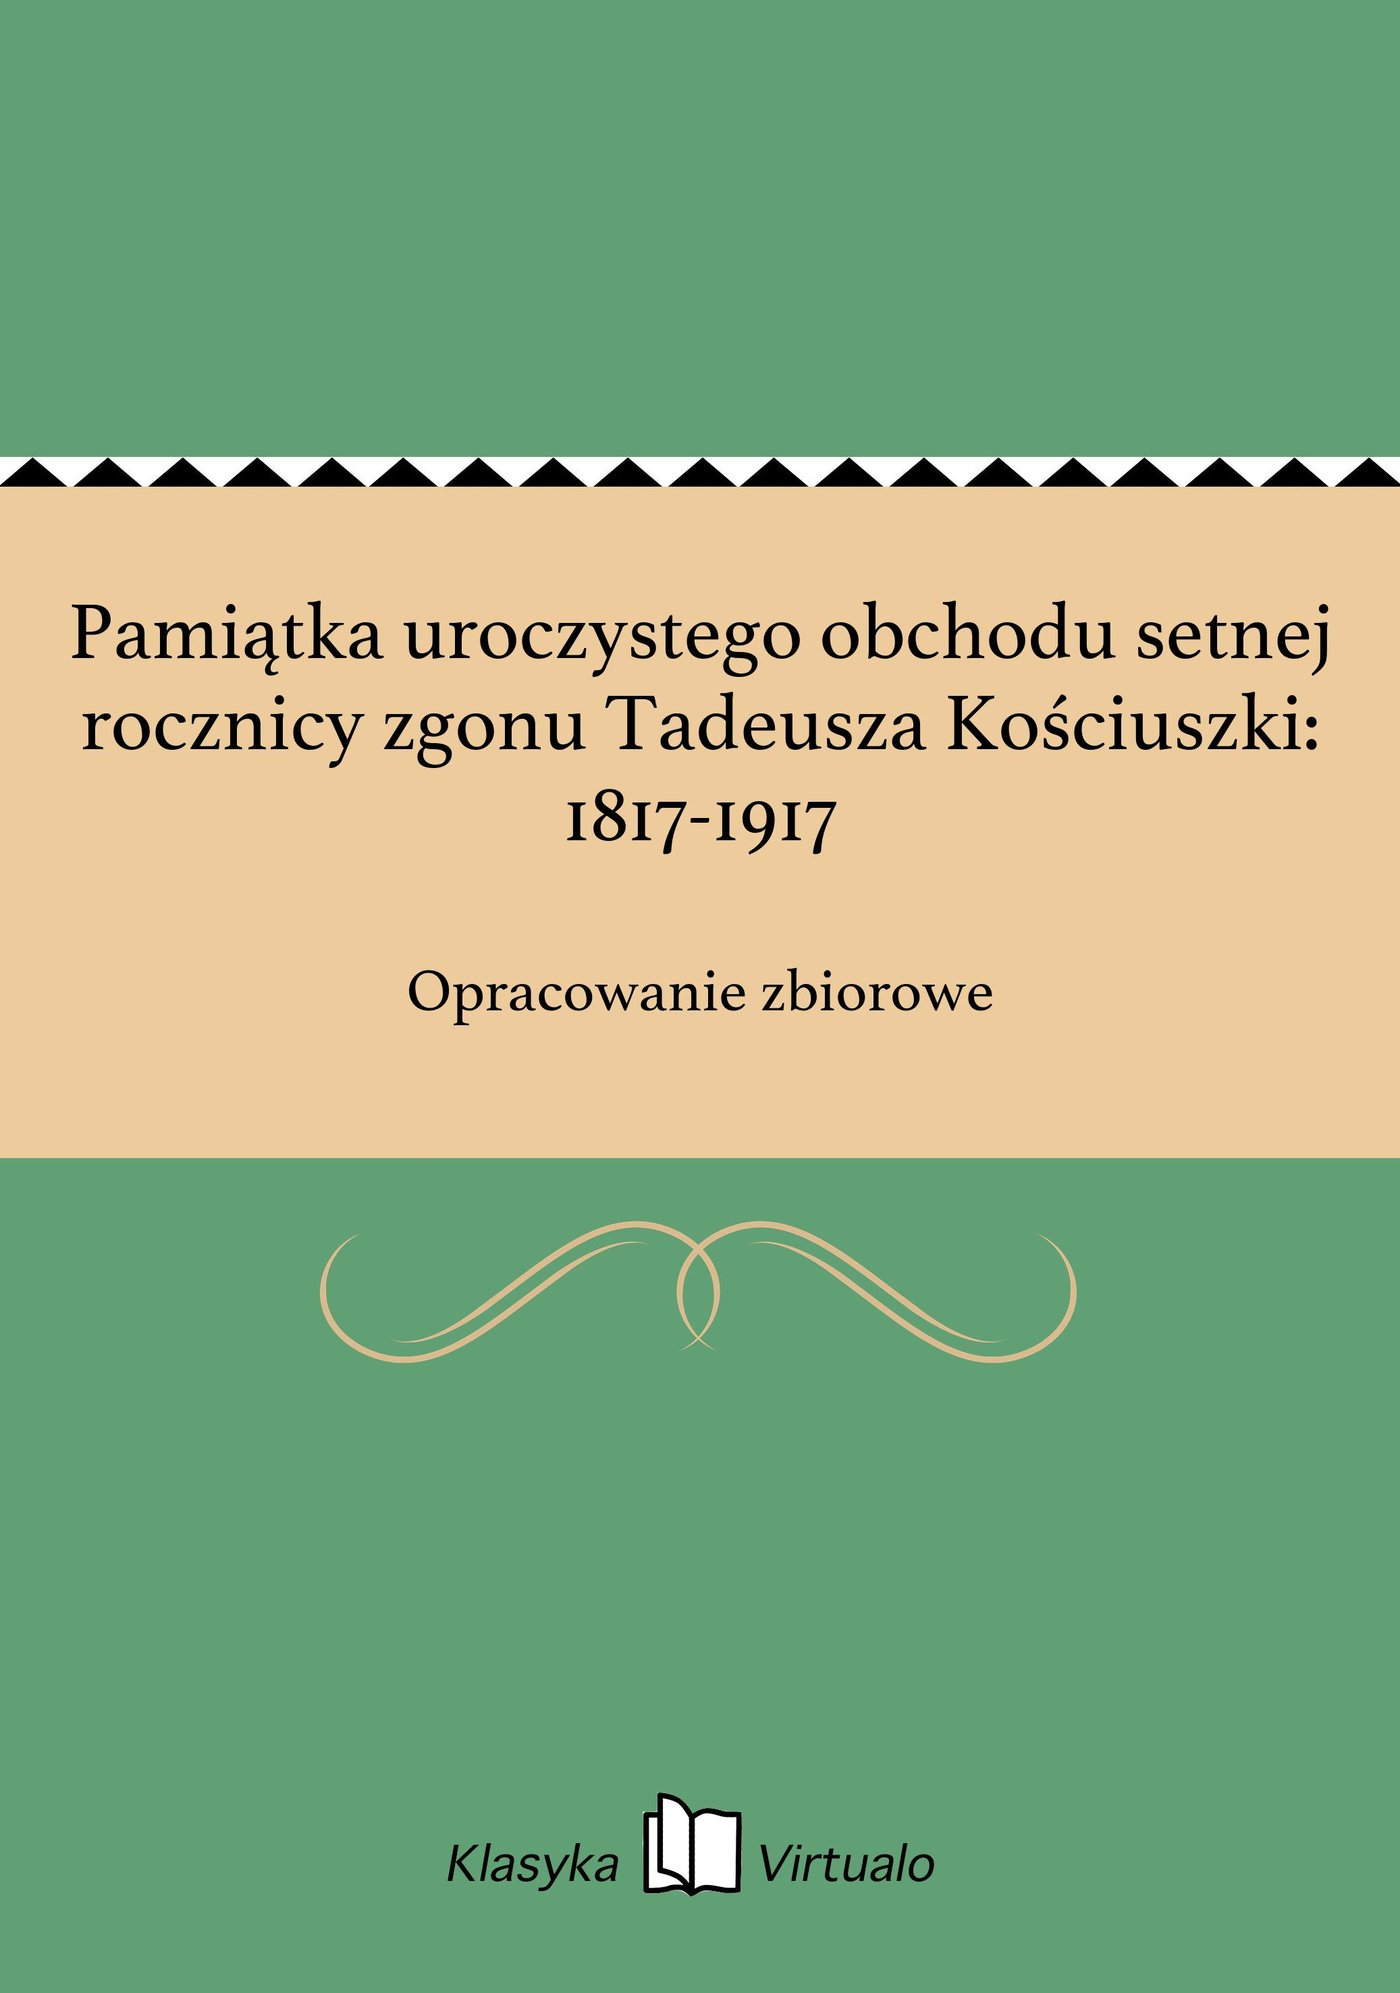 Pamiątka uroczystego obchodu setnej rocznicy zgonu Tadeusza Kościuszki: 1817-1917 - Ebook (Książka EPUB) do pobrania w formacie EPUB